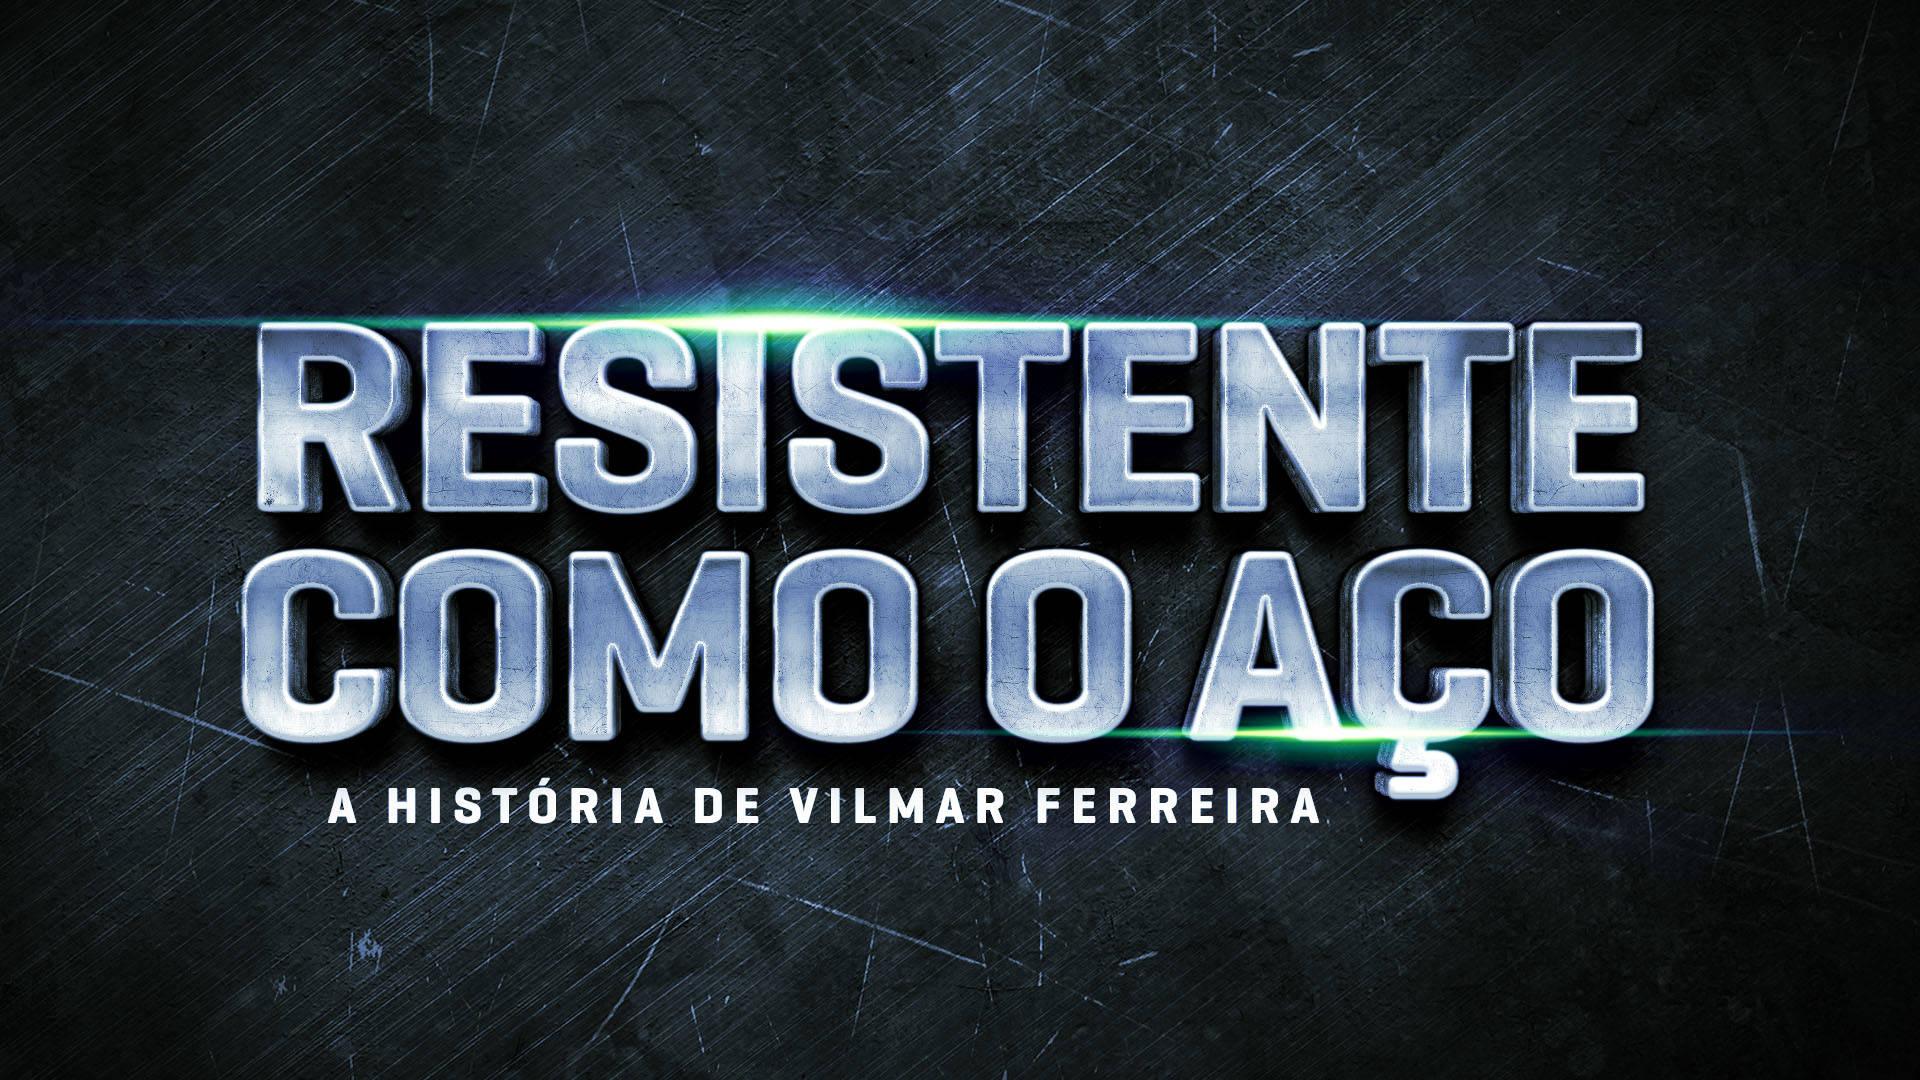 A história de Vilmar Ferreira, da Aço Cearense: resistente como o aço